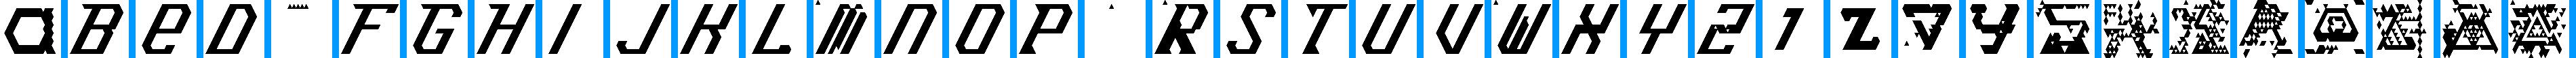 Particip-a-type v.245